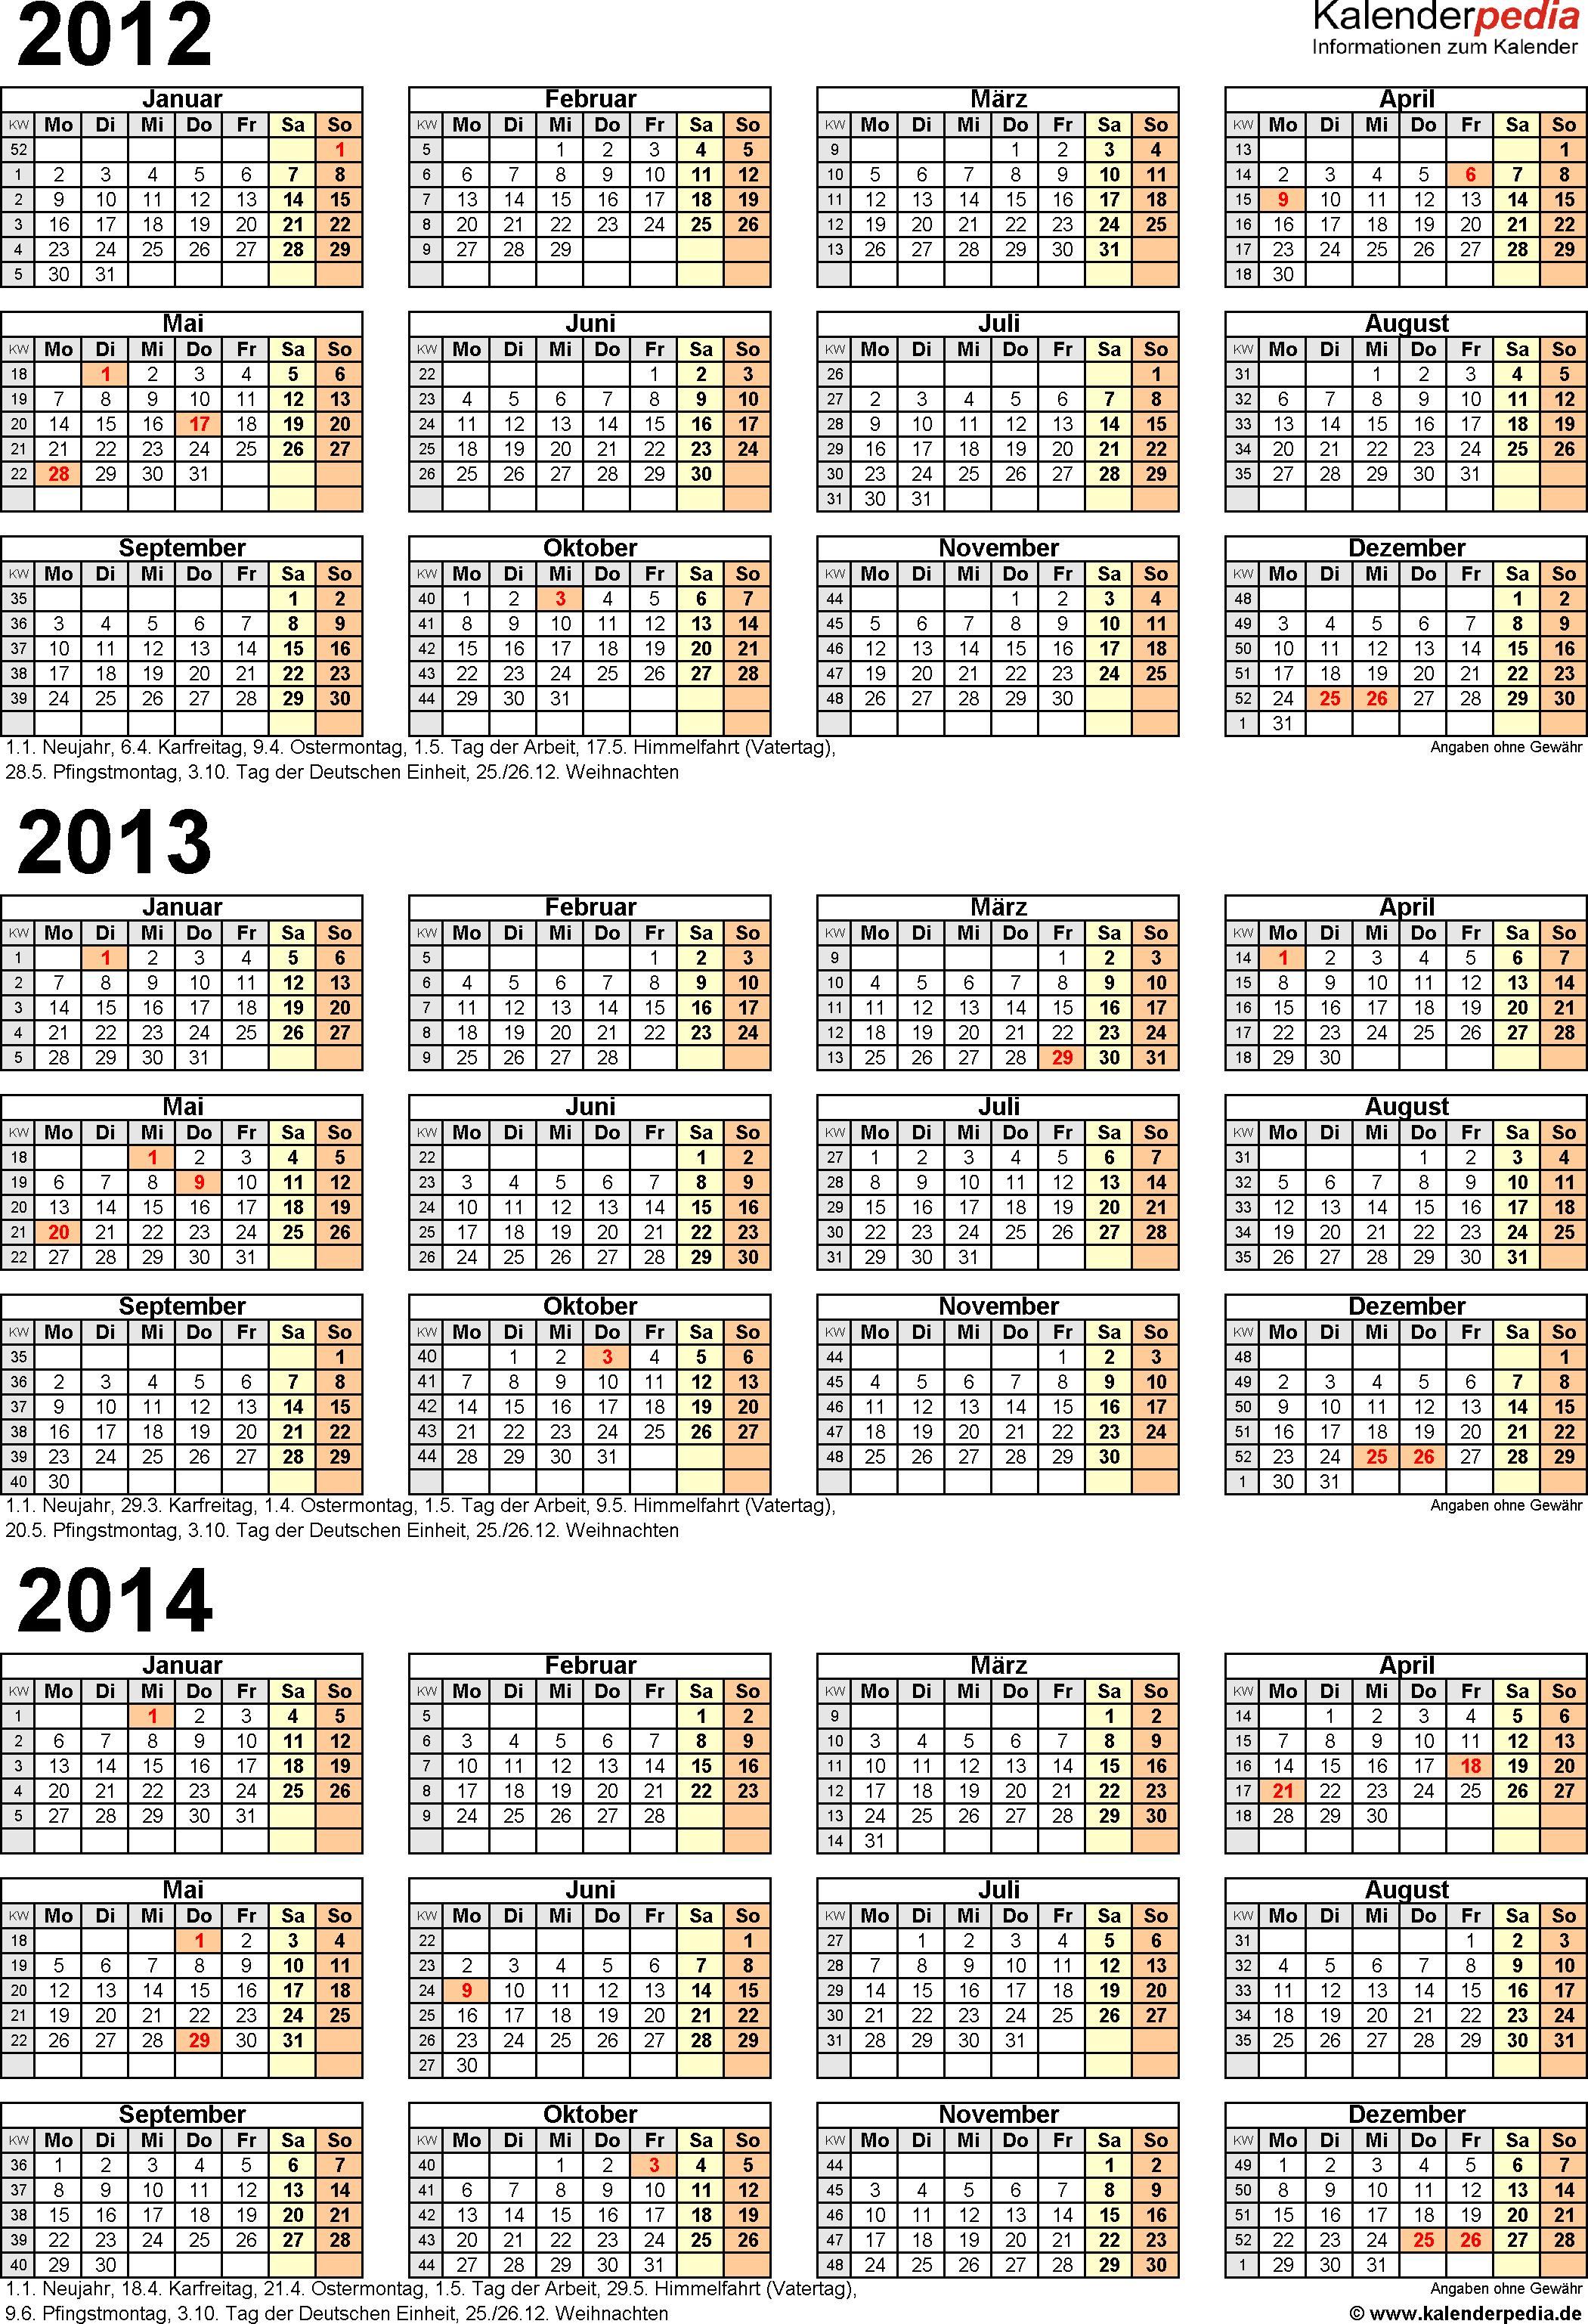 PDF-Vorlage für Dreijahreskalender 2012-2014 (Hochformat, 1 Seite)